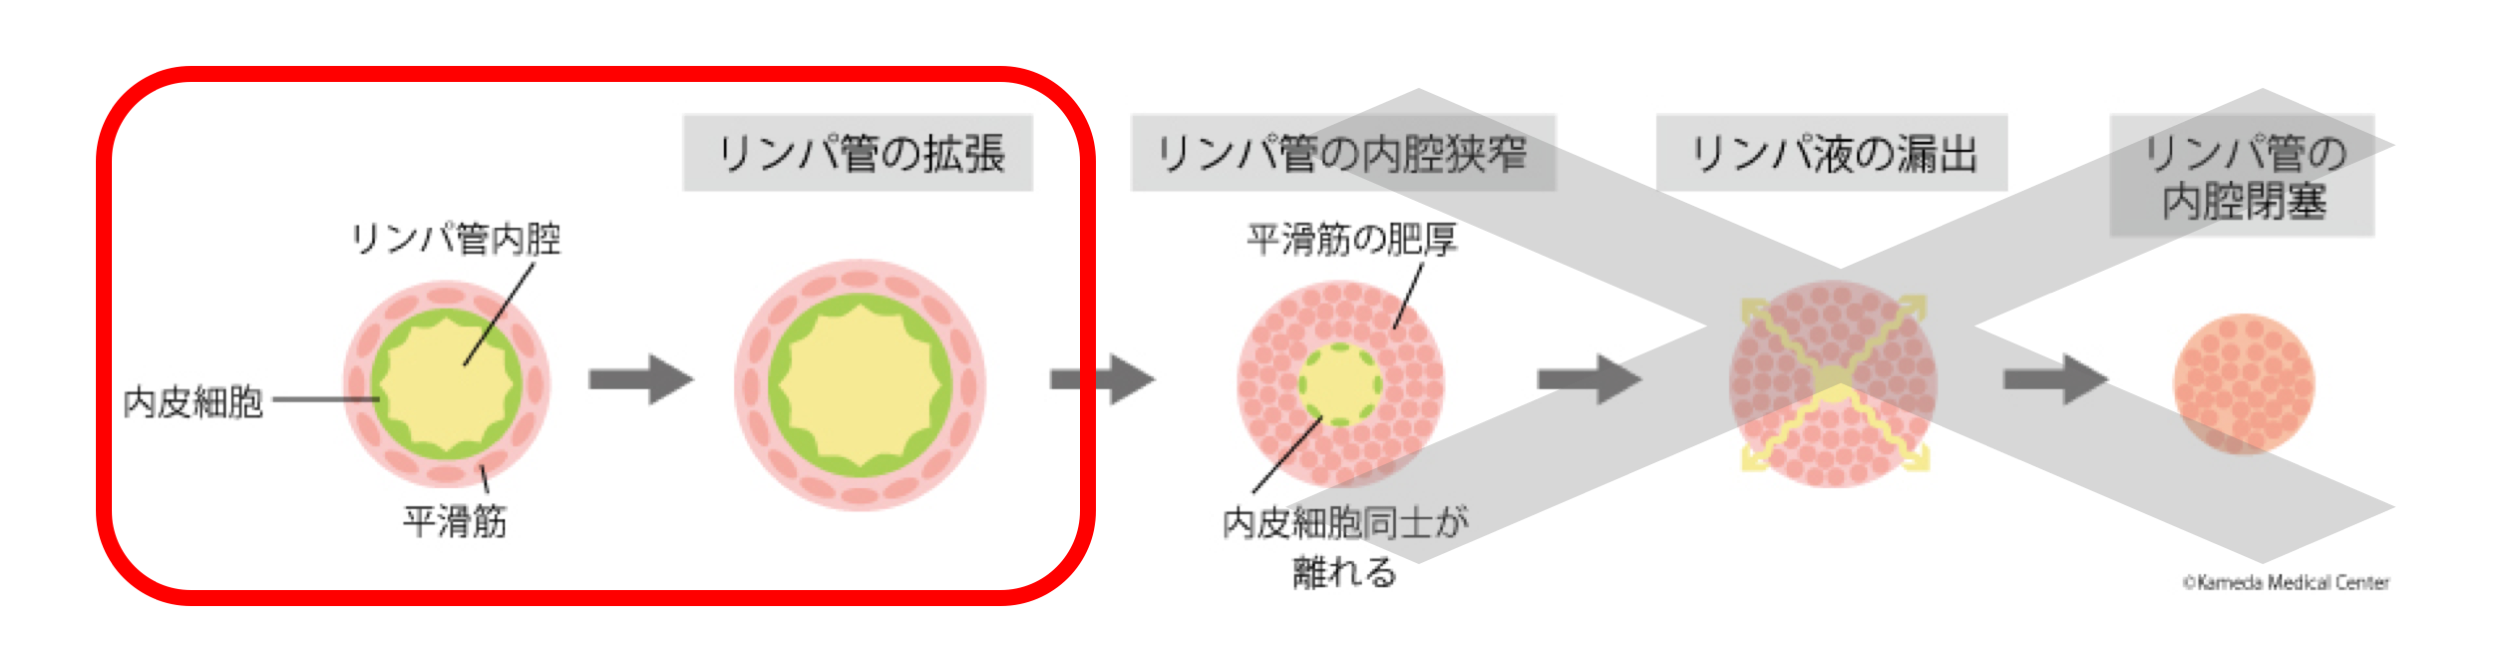 最新の画像診断:高周波超音波で同定可能なフェーズ